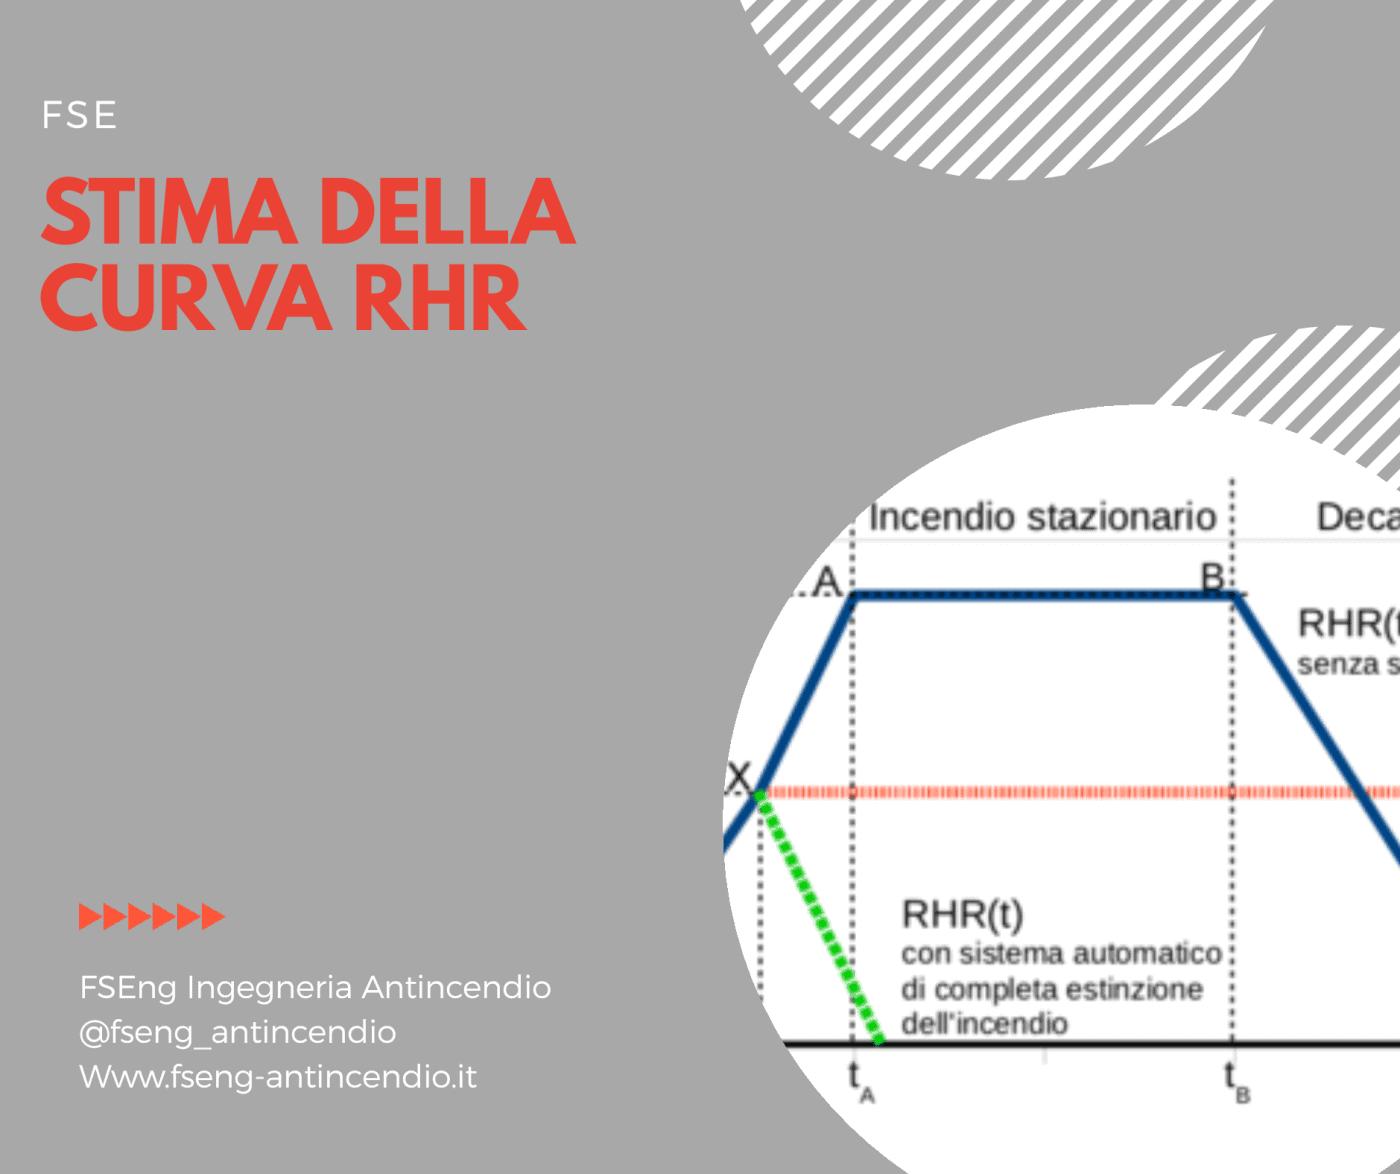 stima della curva rhr